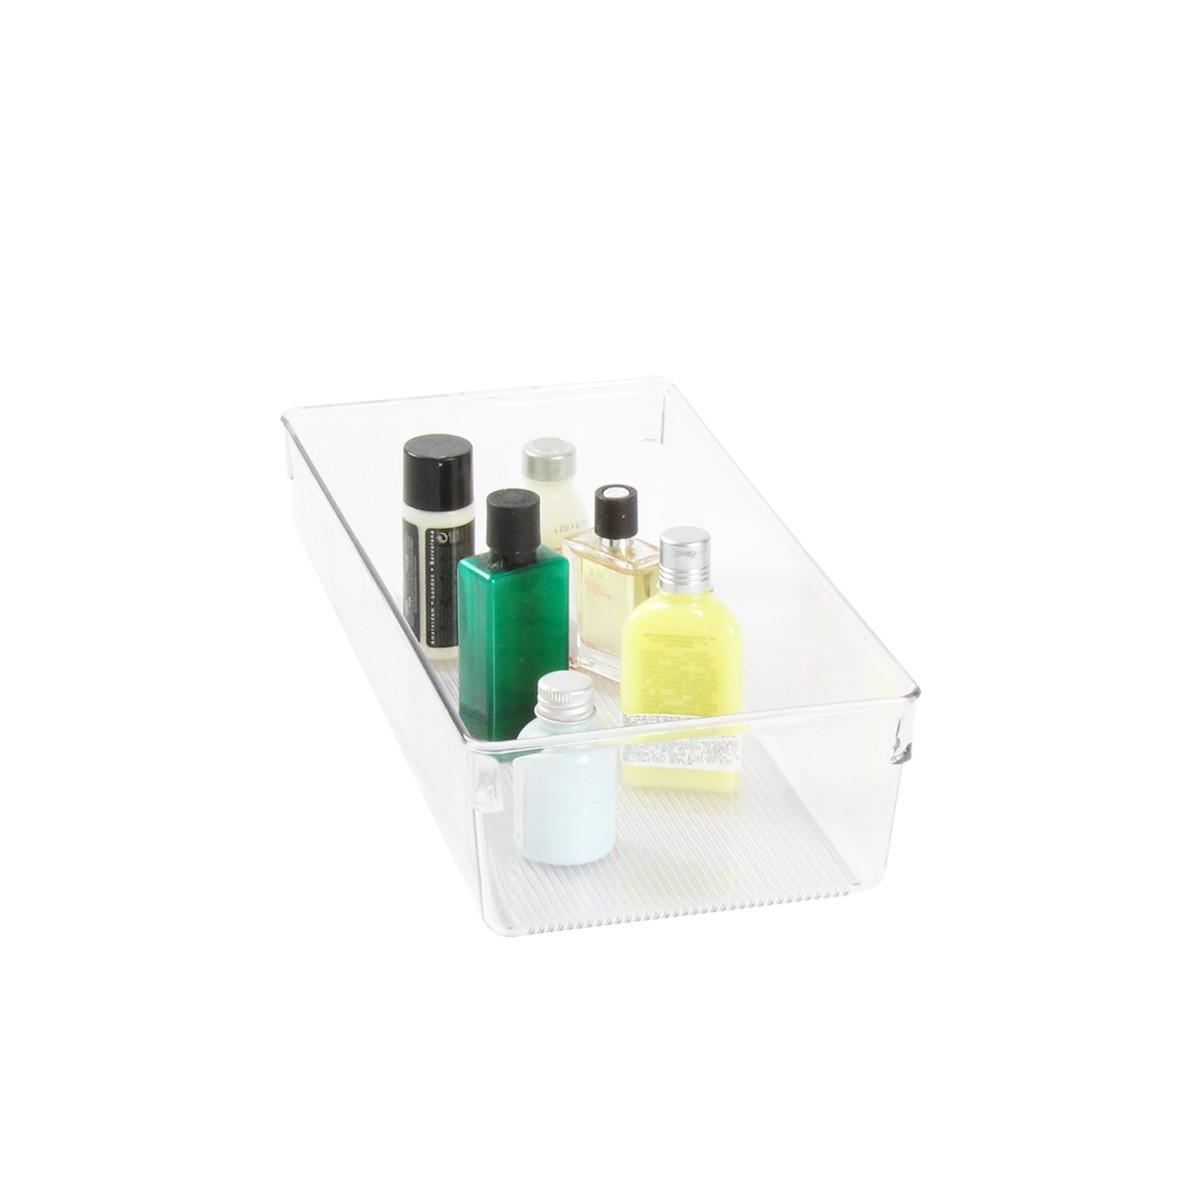 S parateur tiroir en plastique rangement salle de bain for Rangement salle de bain plastique